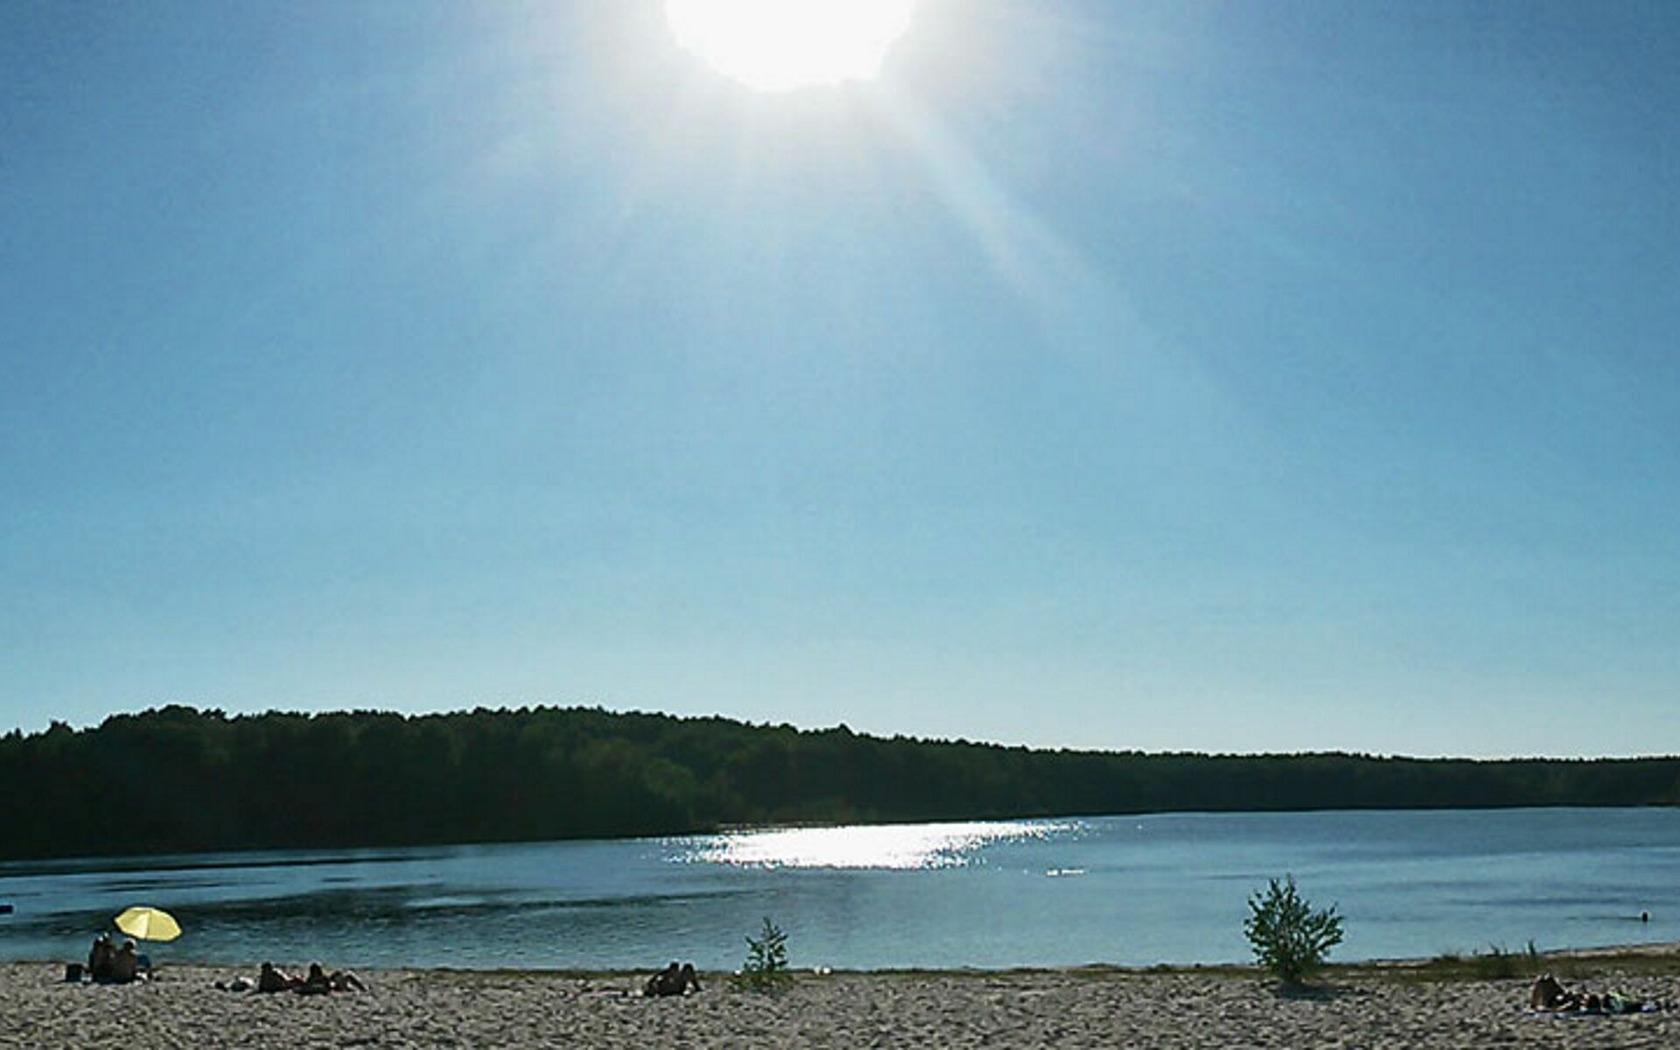 Großsee bei Sonnenschein, Foto: Amt Peitz